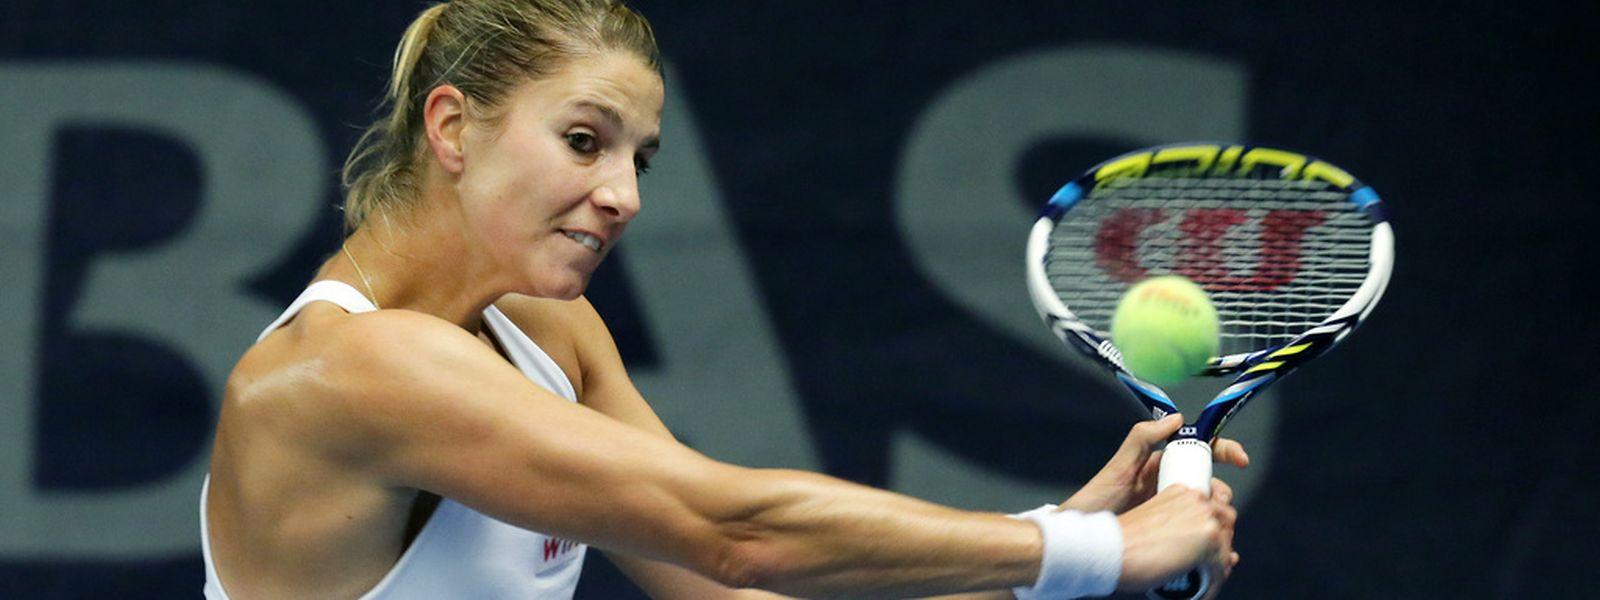 Für Mandy Minella ist das Turnier in Auckland auch im Doppel beendet.